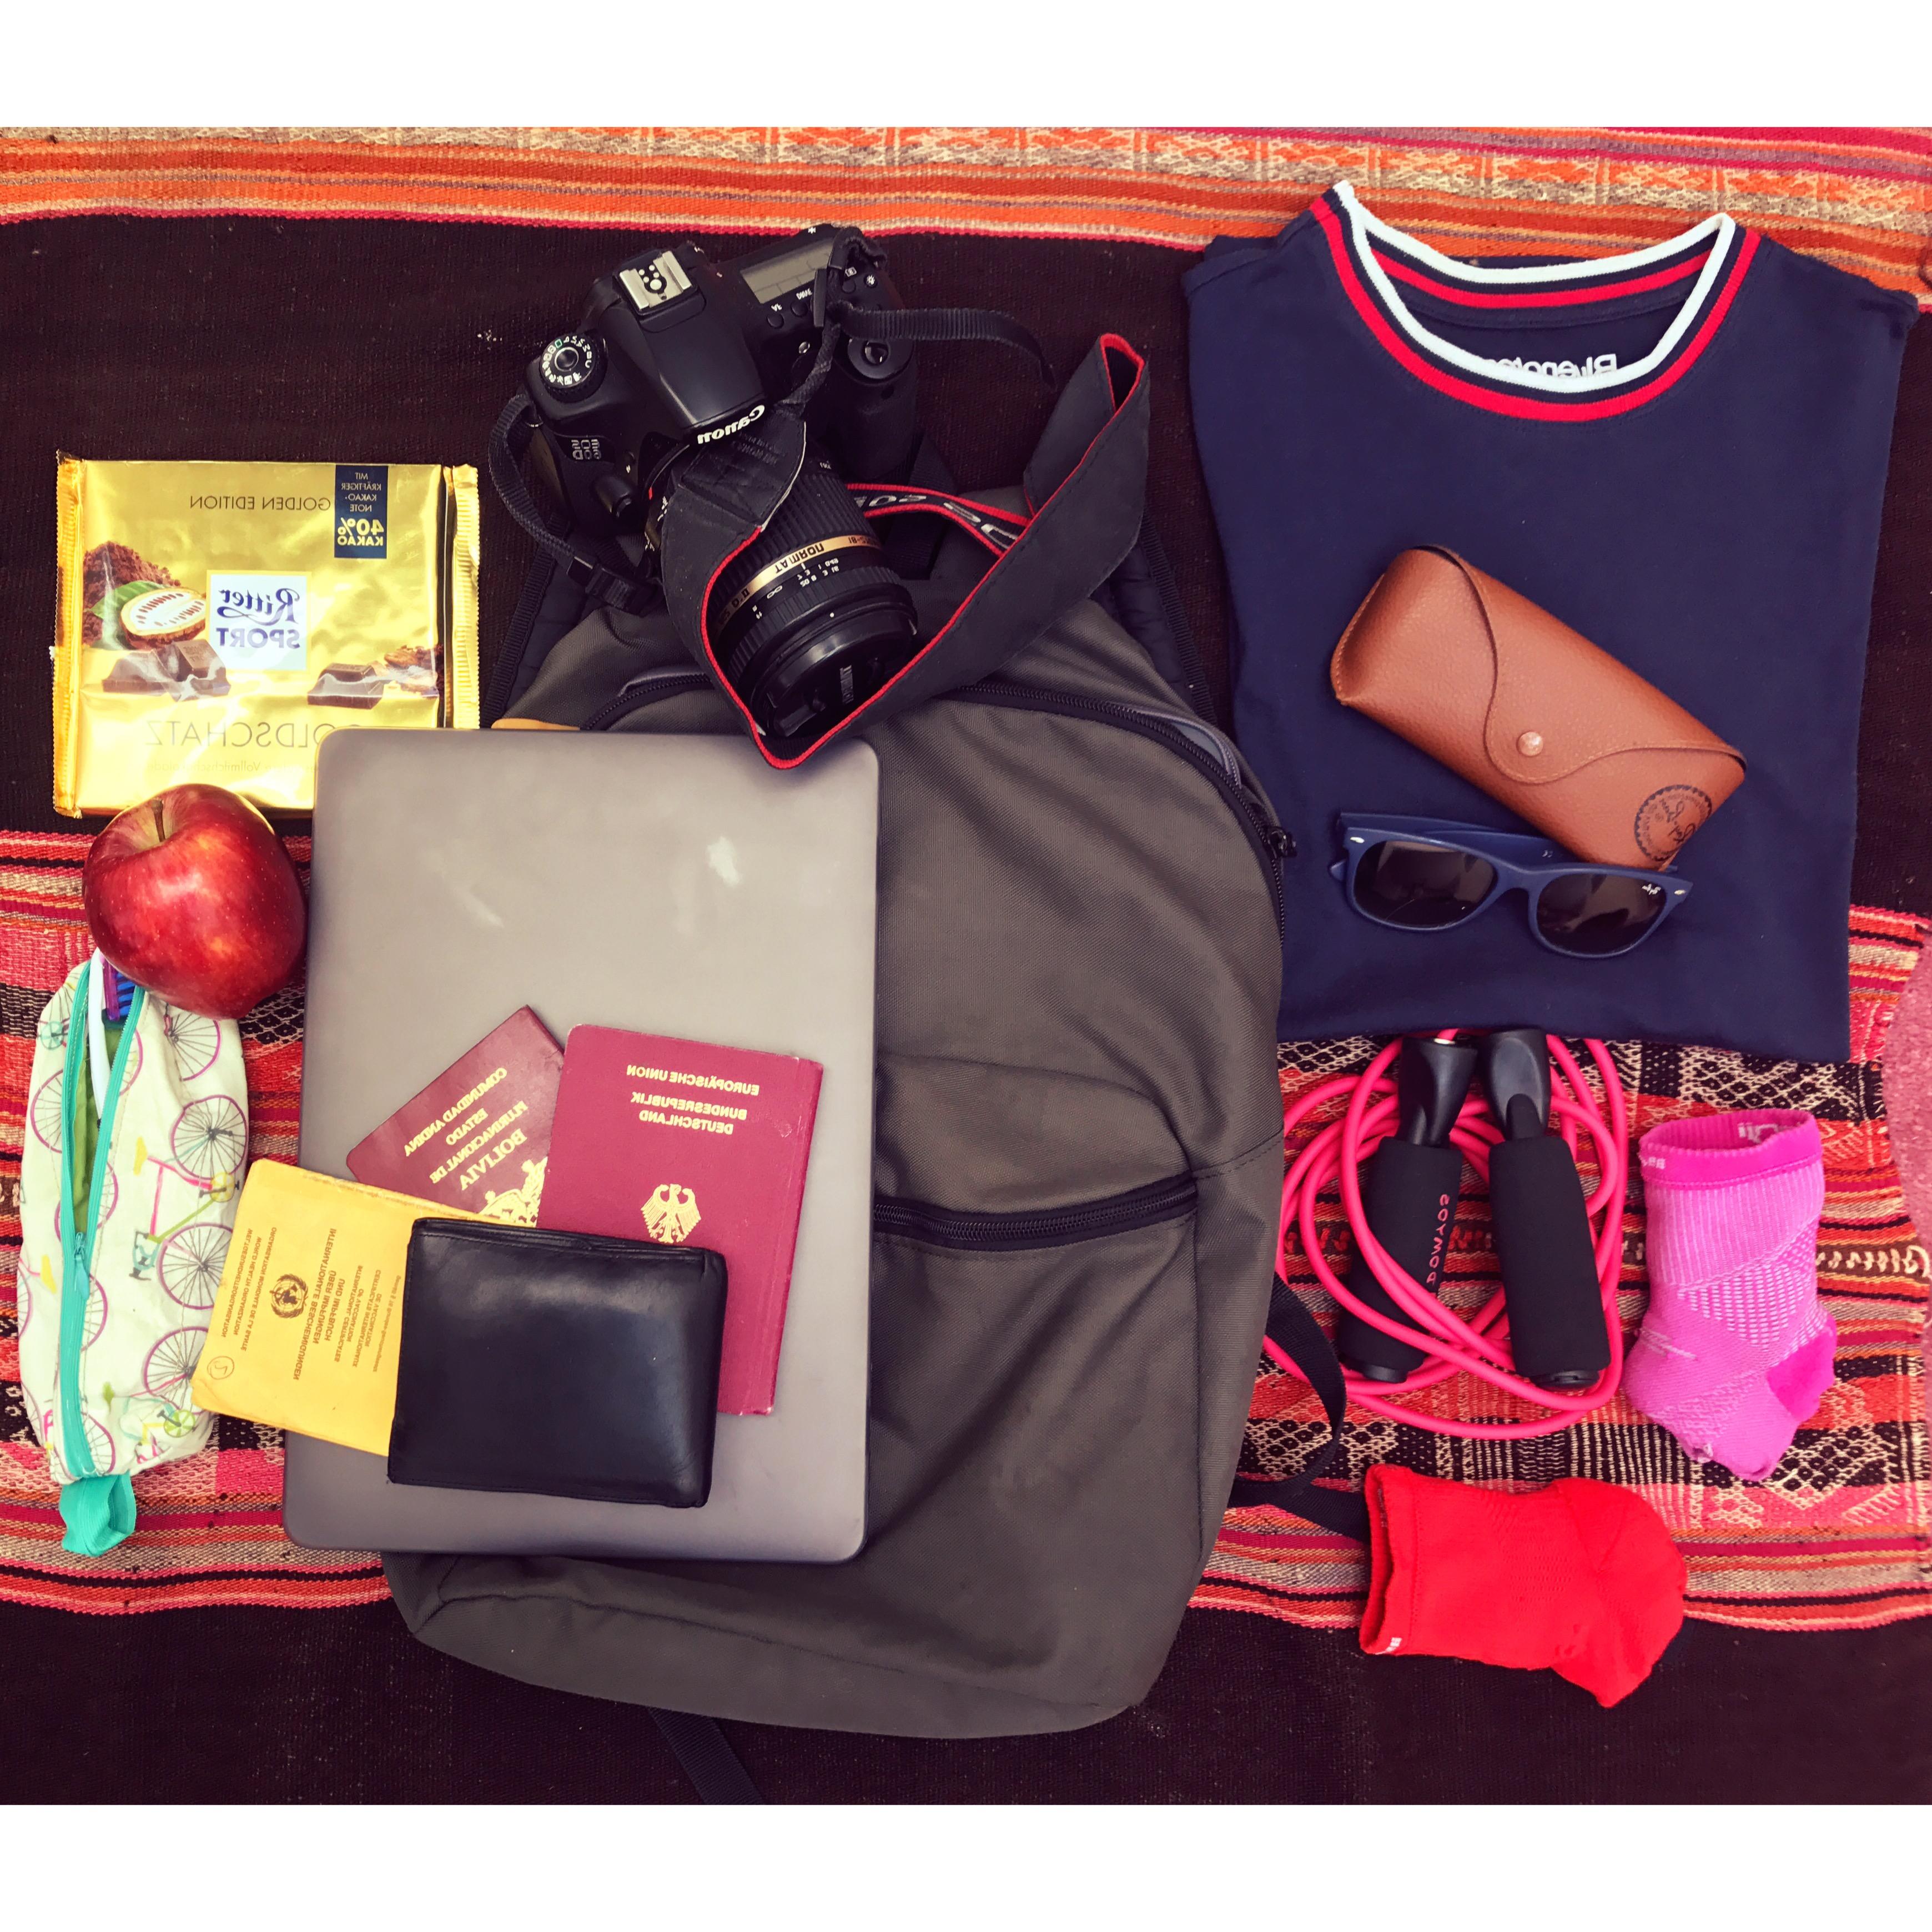 Wie packe ich mein Leben in einen Reiserucksack?